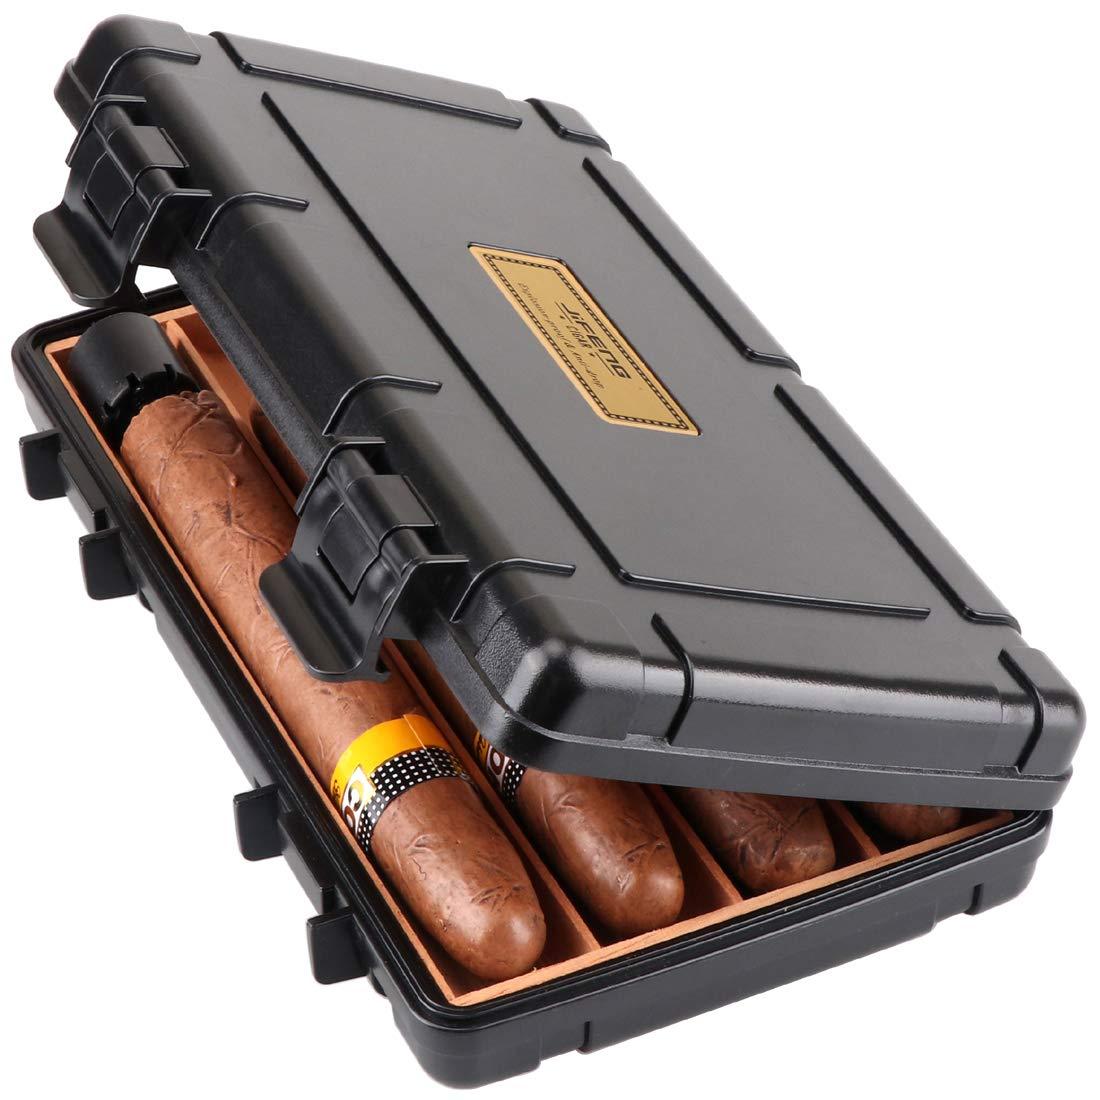 XIFEI Cigar Humidor Cedar Wood Travel Portable Waterproof Cigar Case with Humidifier (Big)